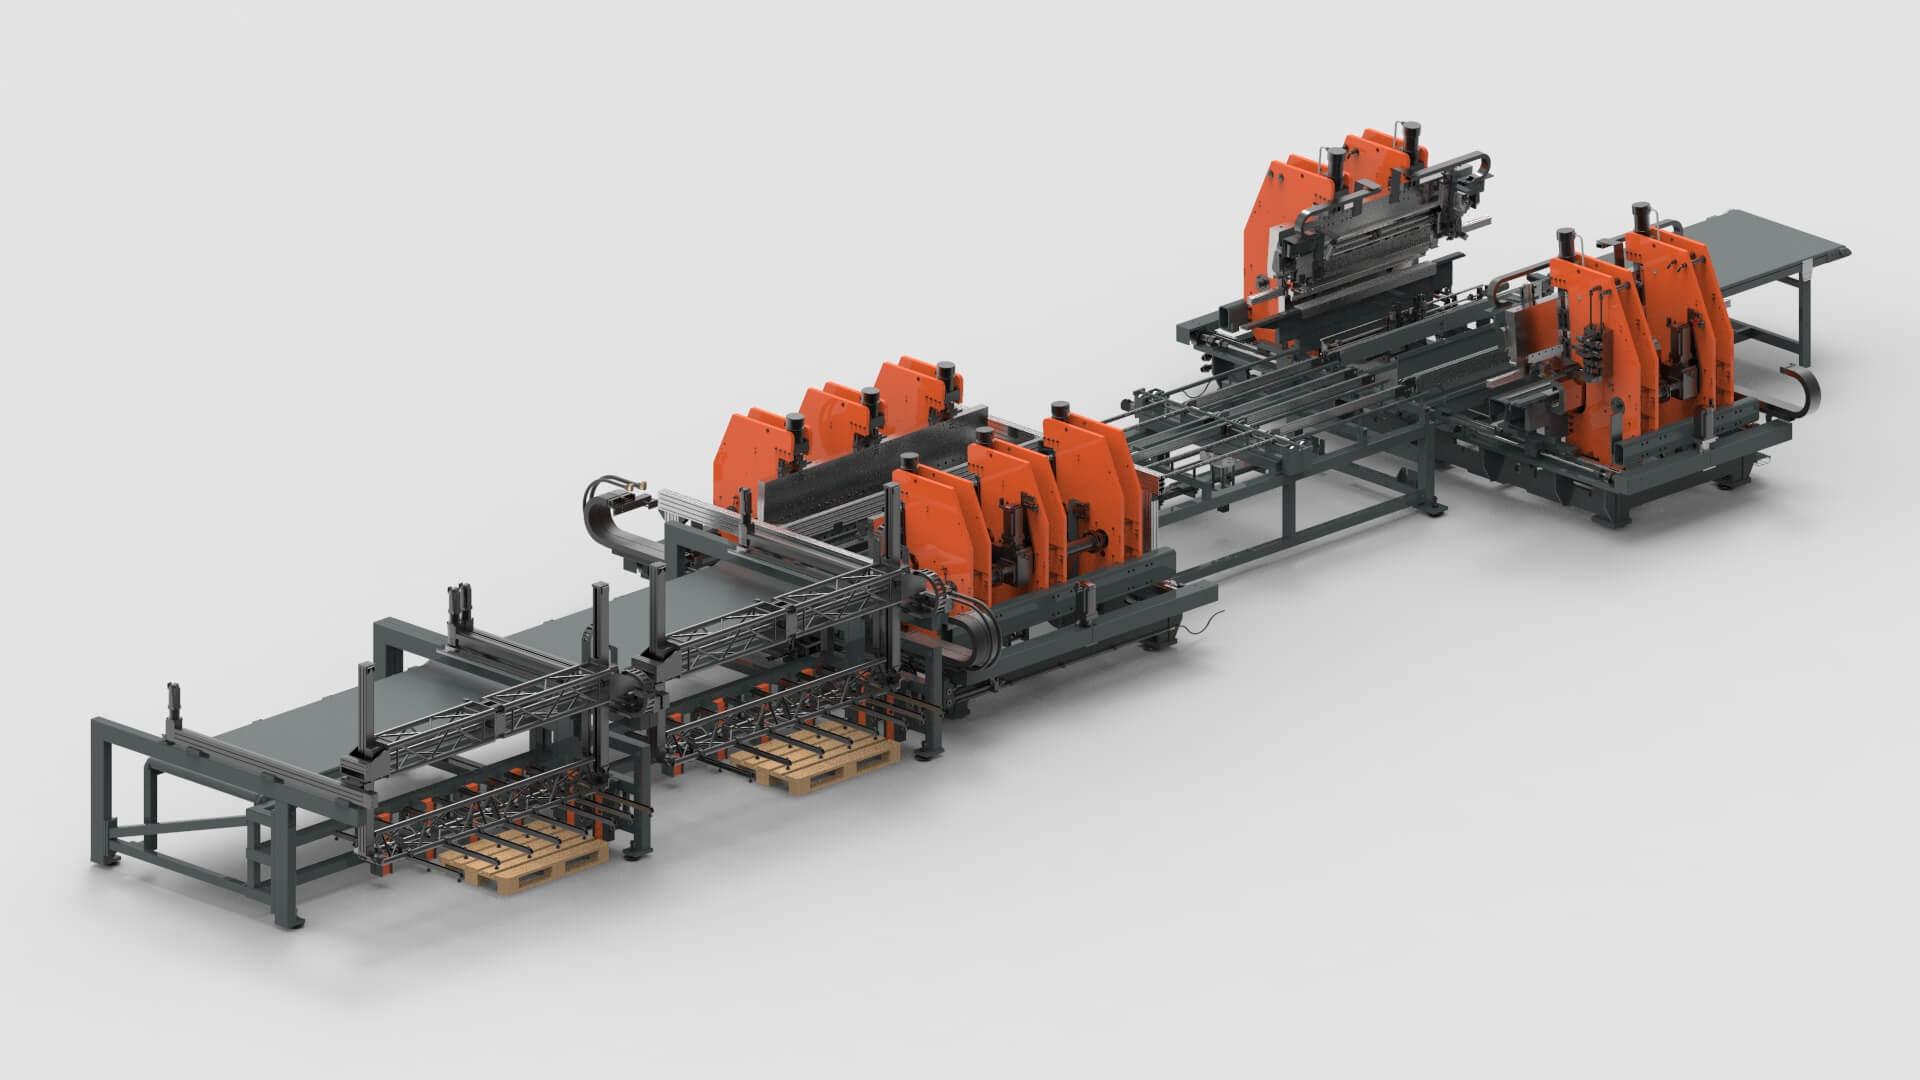 wemo-stahltüren-blechbearbeitung-4-seitig-biegen-produktionslinie.jpg